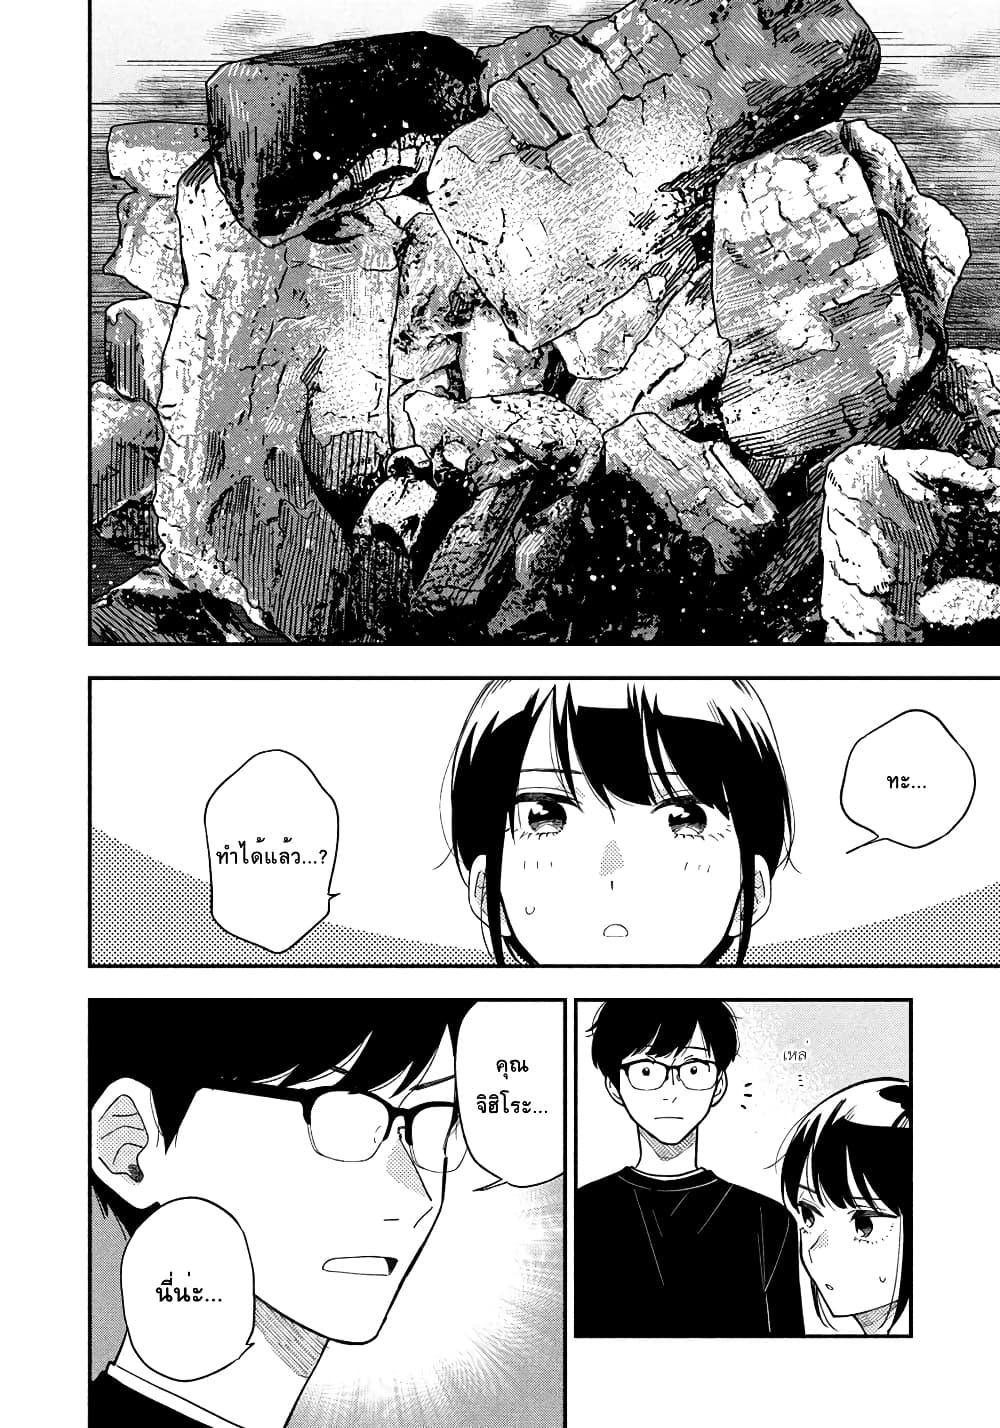 อ่านการ์ตูน Yaiteru Futari ตอนที่ 12 หน้าที่ 10